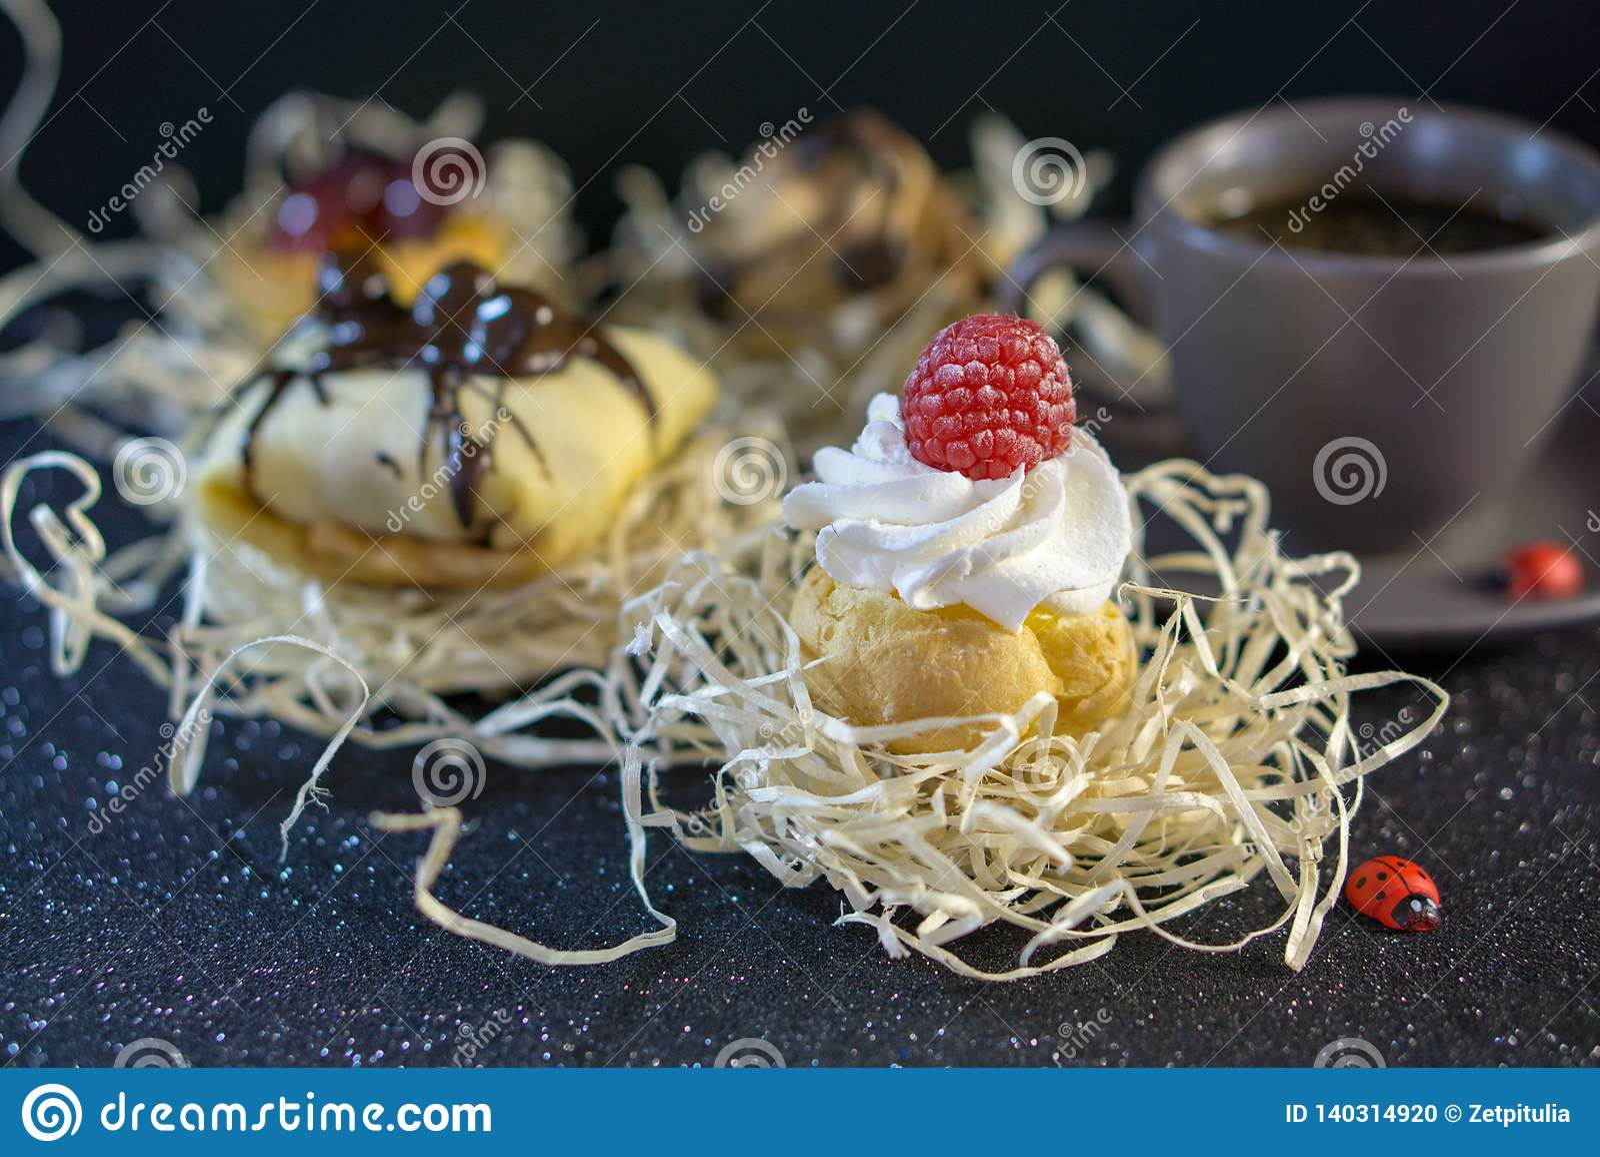 神的酥皮点心用莓和奶油,与一个底部在蛋糕下,弄脏背景用其他酥皮点心和a